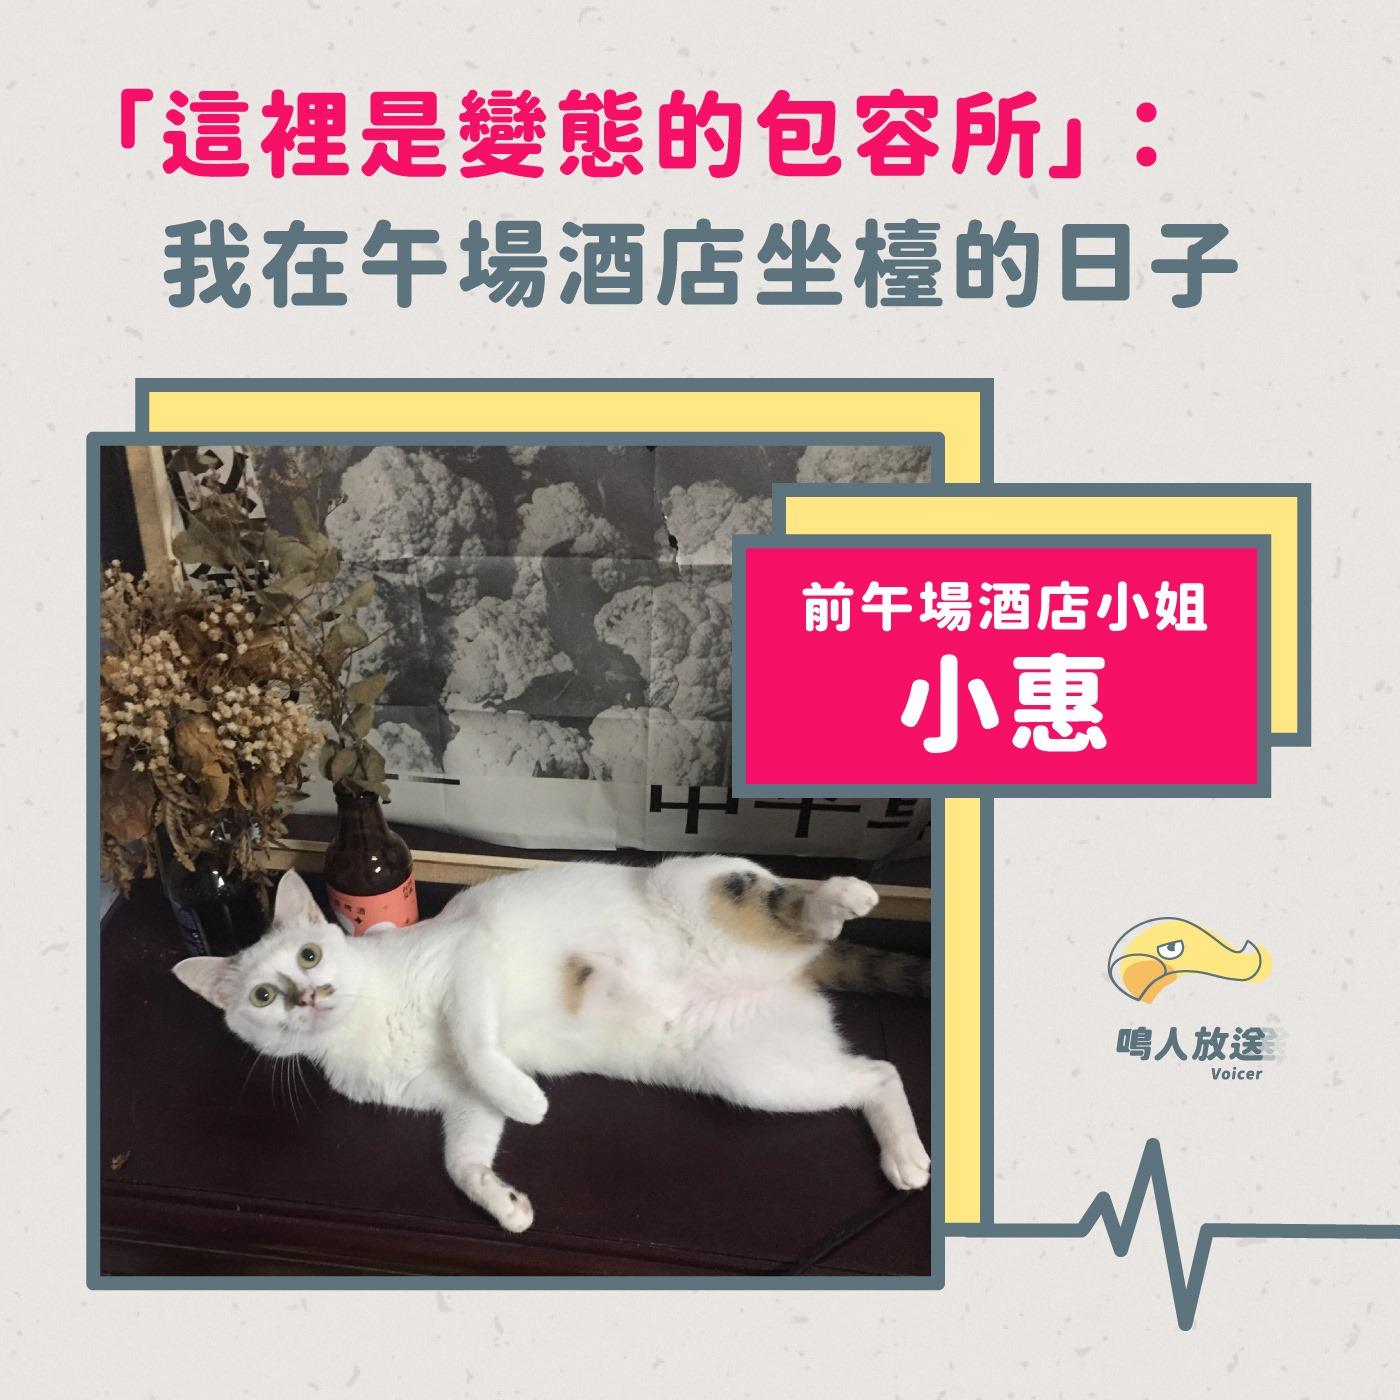 #32-2 「變態」包容所?社會接不住的特殊慾望,由小姐承接? ft. 小惠